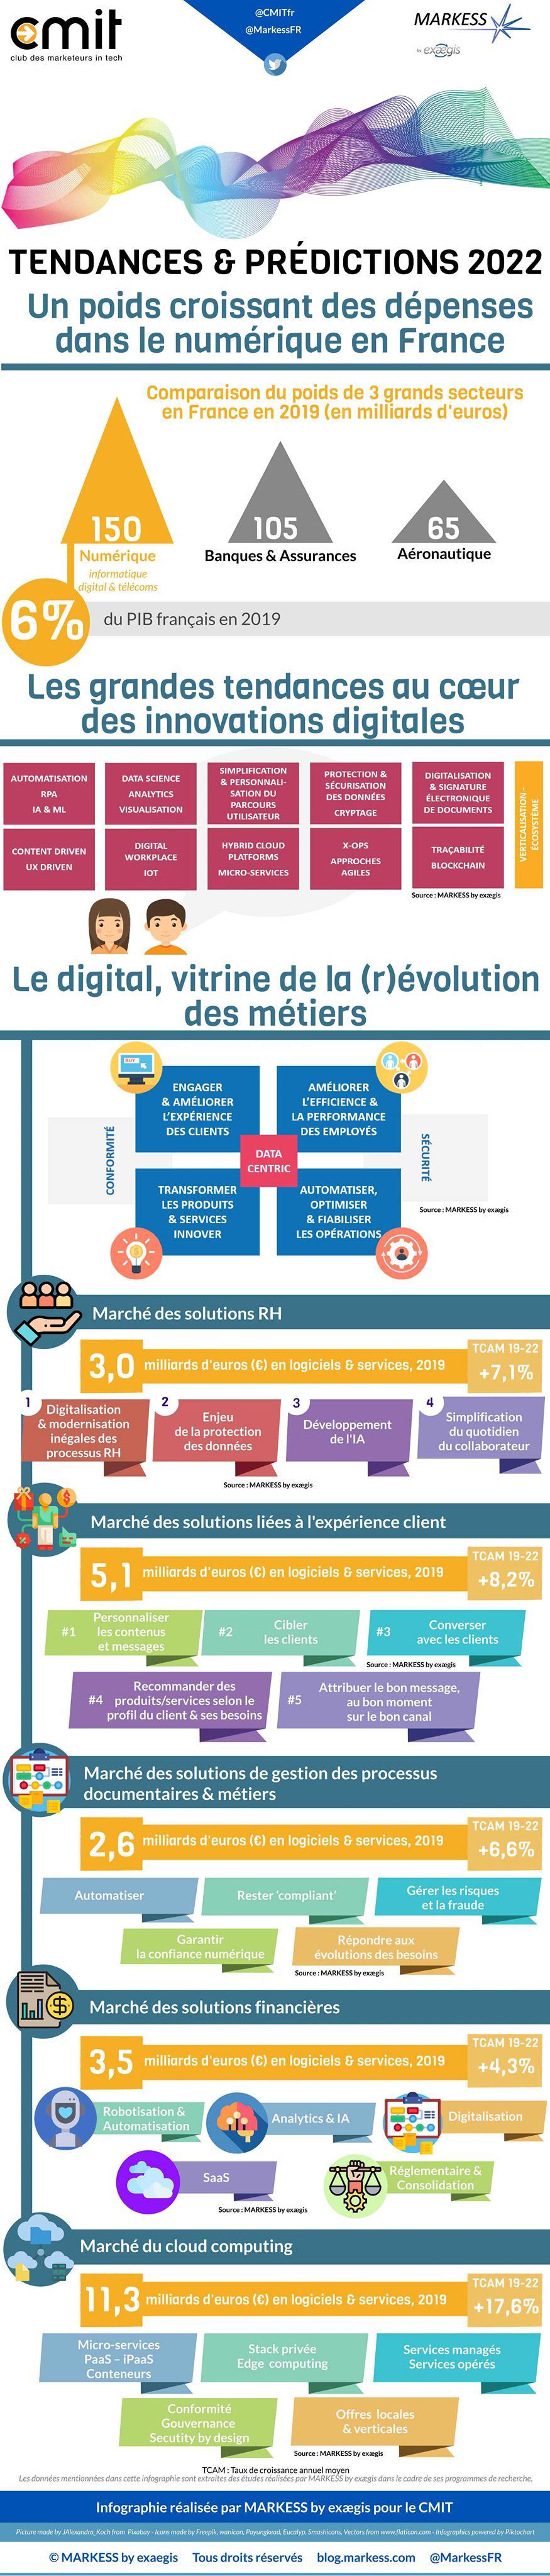 MARKESS INFOGRAPHIE CMIT 2020 - les tendances et prédictions 2020 v2